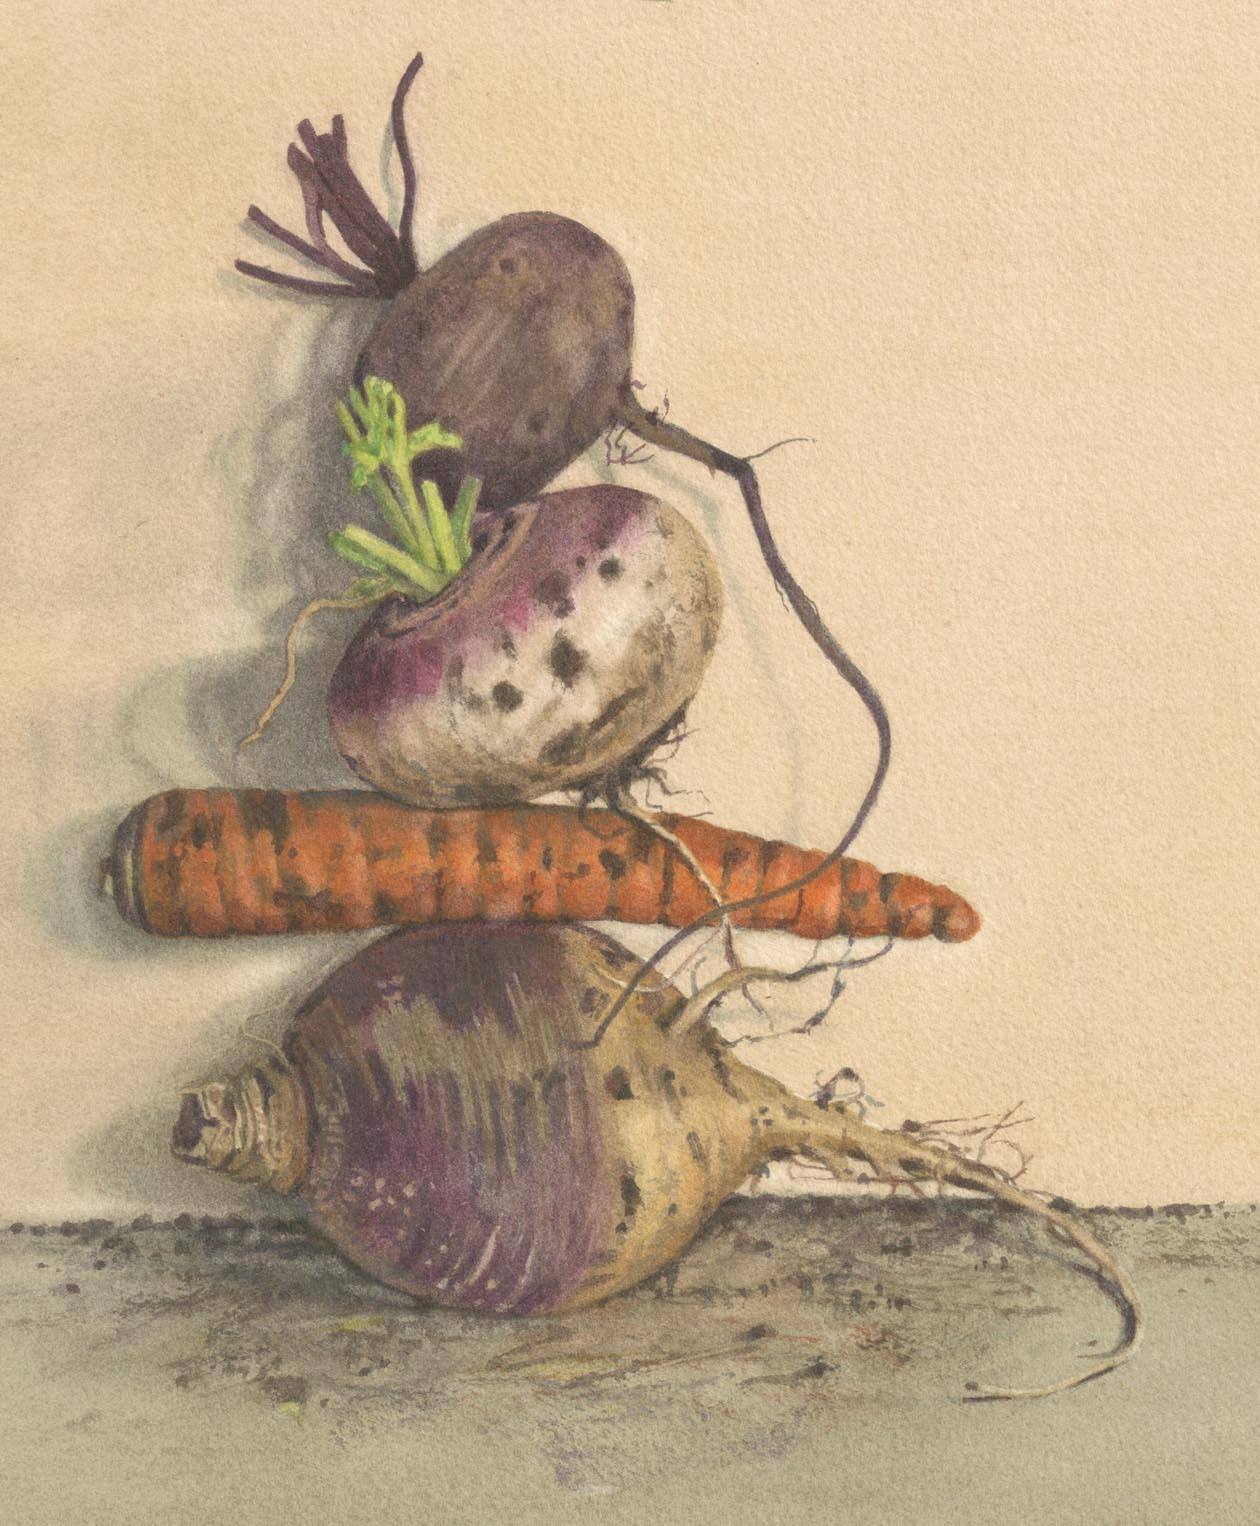 Dirty root veg, gicleé print 20 x 16.5cm